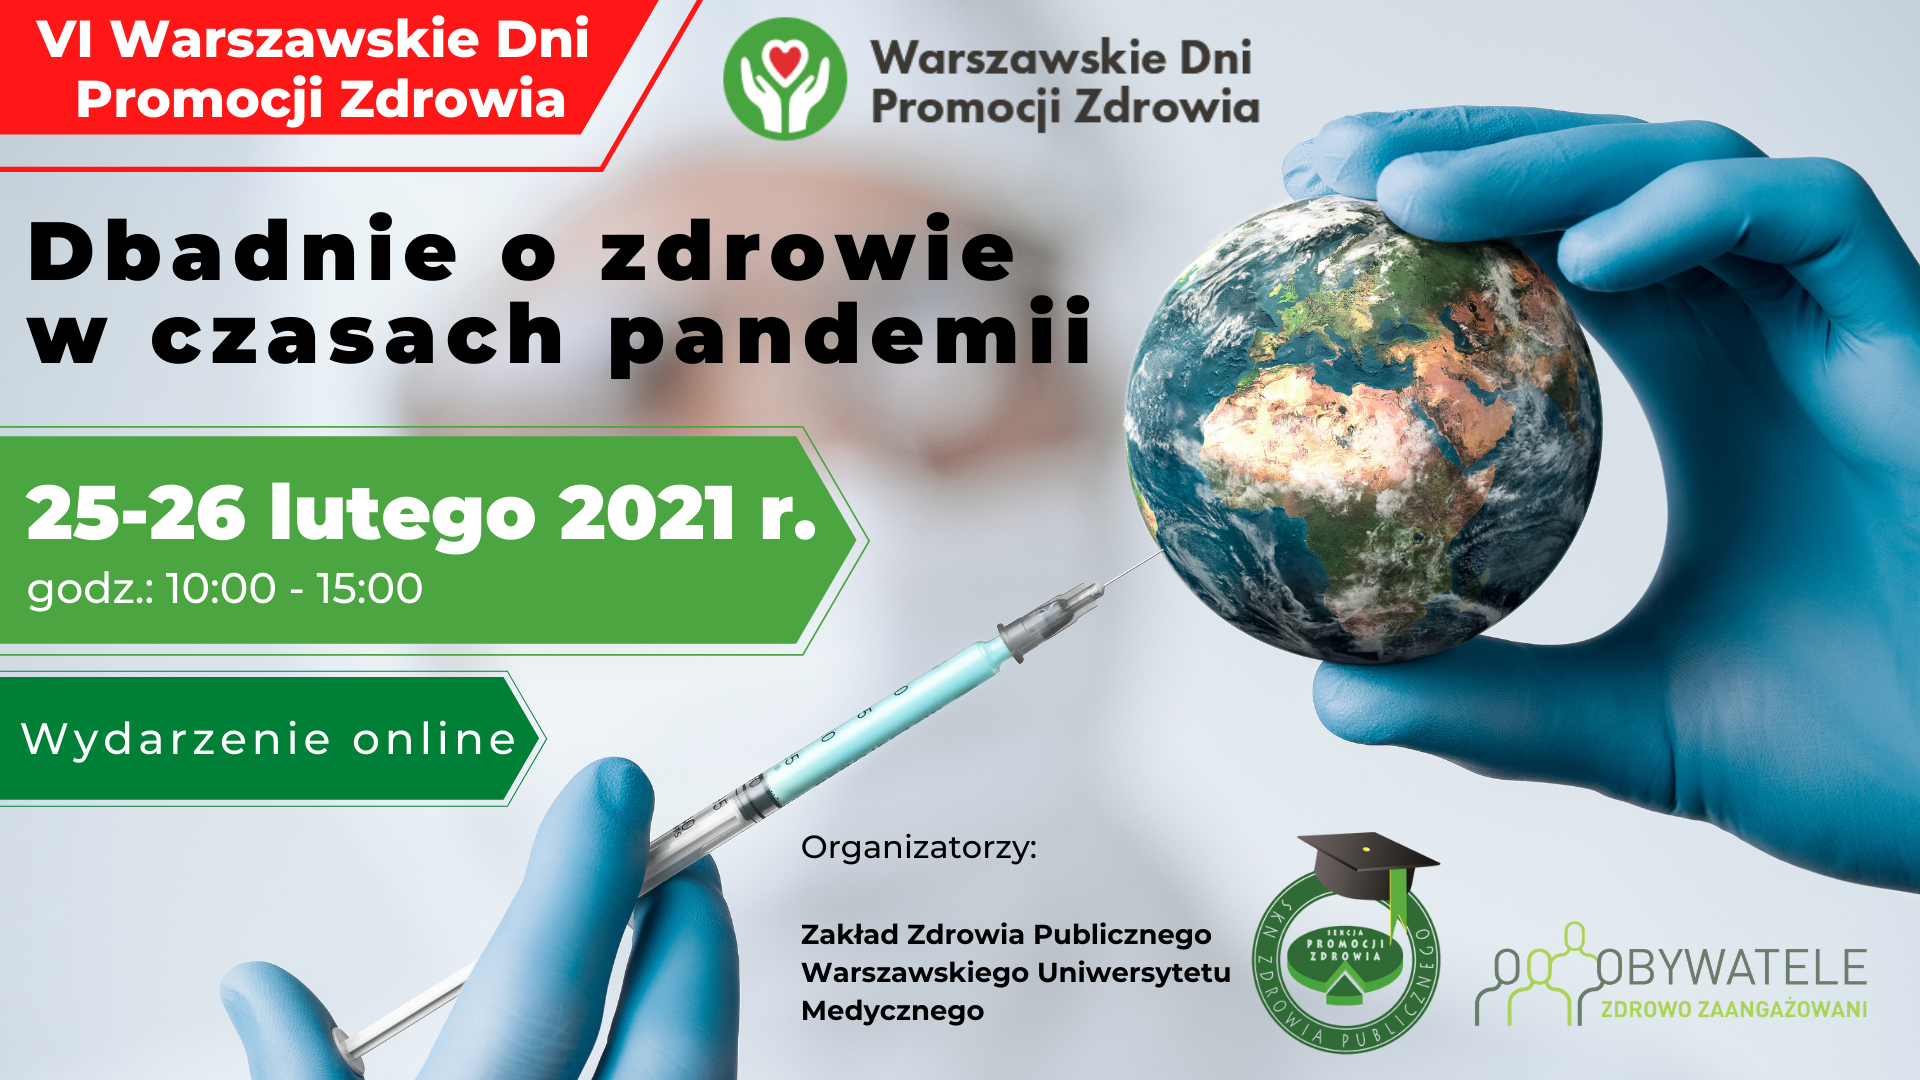 Dbadnie o zdrowie w czasach pandemii